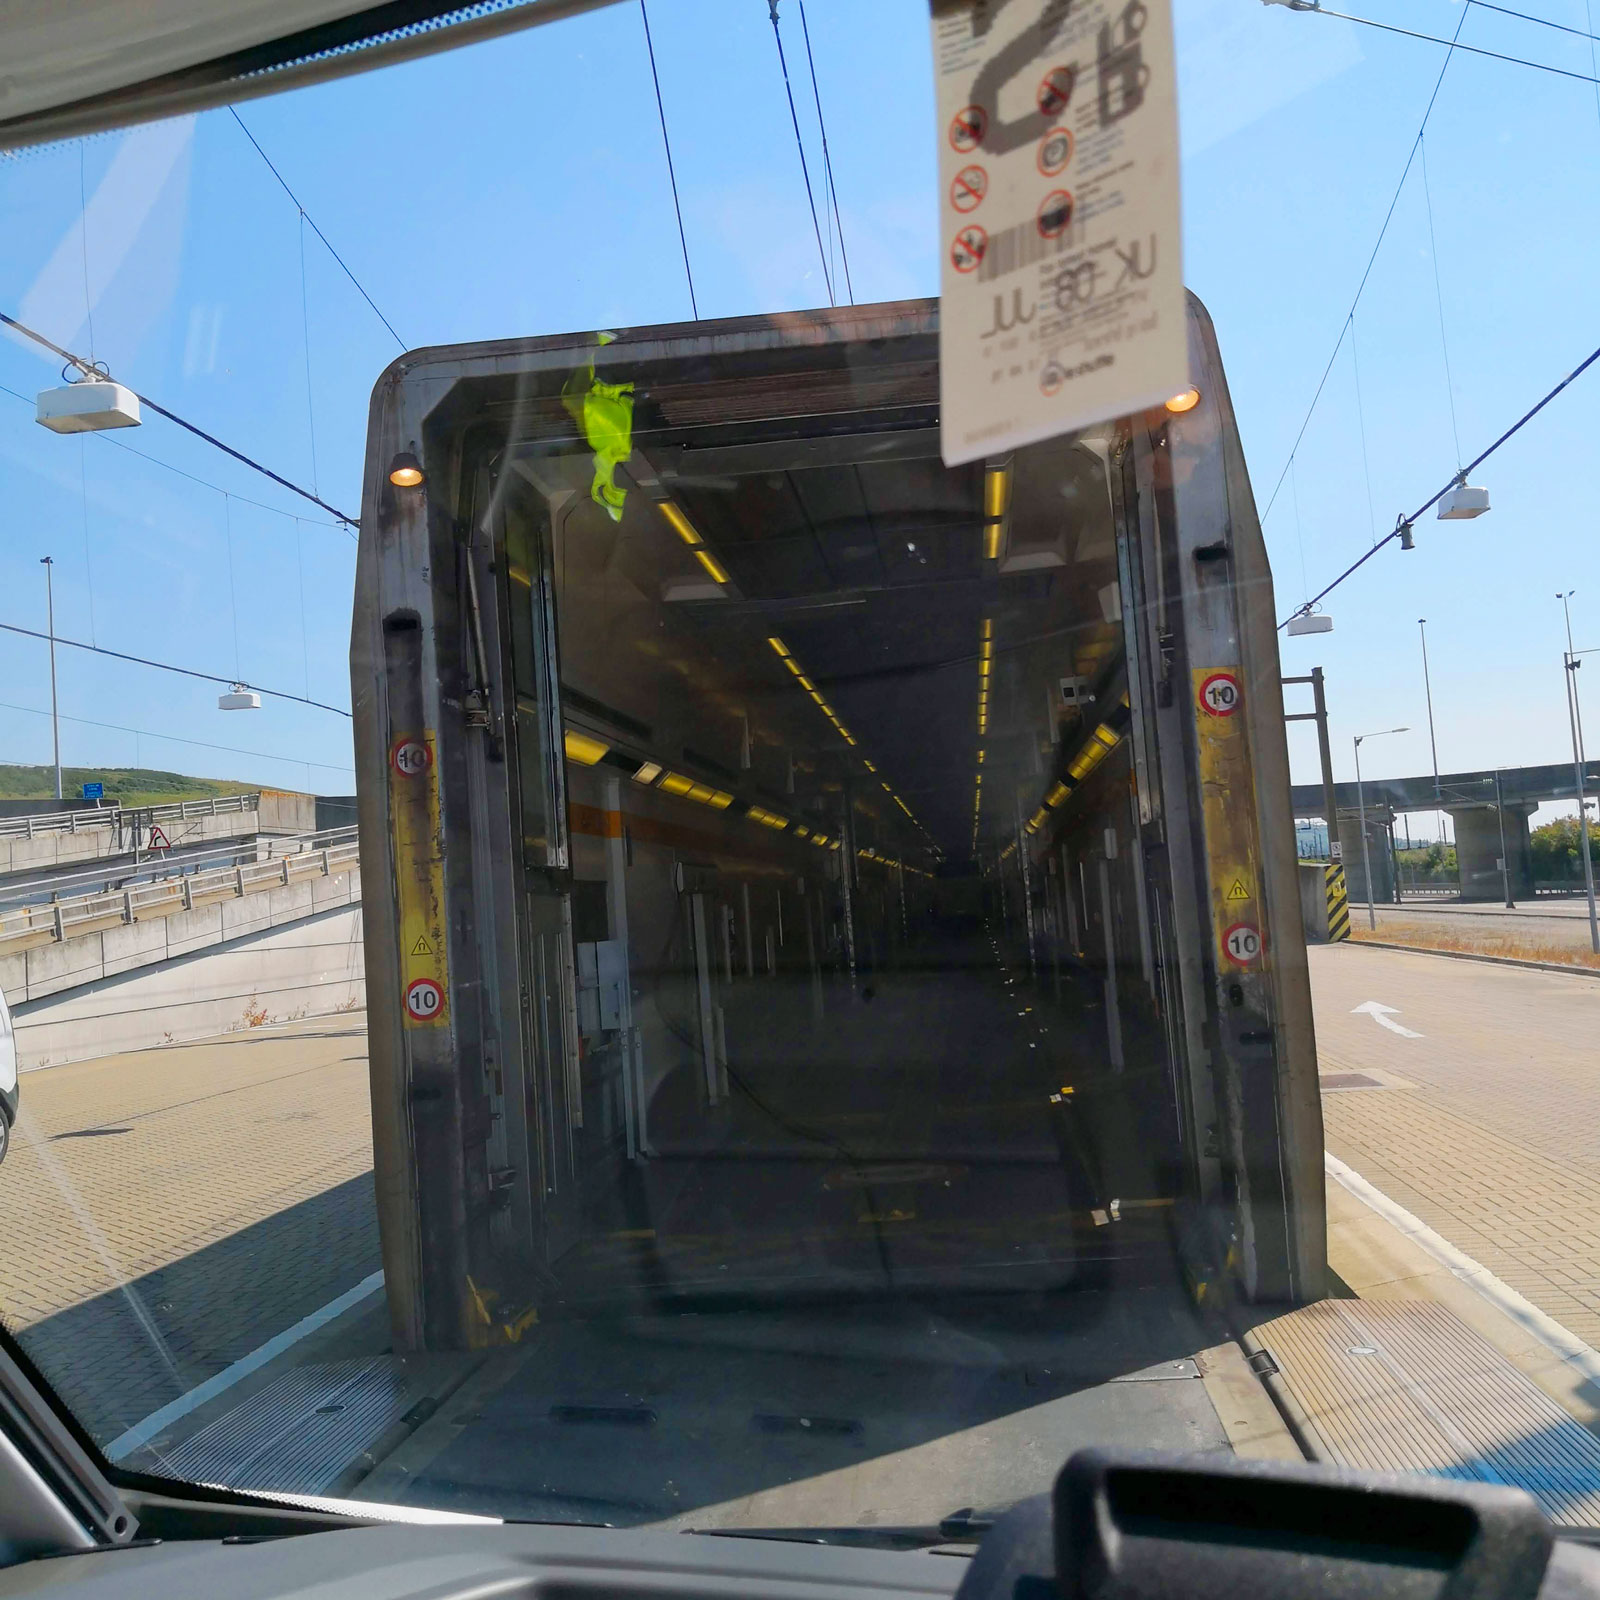 Vagnar för höga fordon är i ett plan medan vagnar för personbilar står i två våningar.